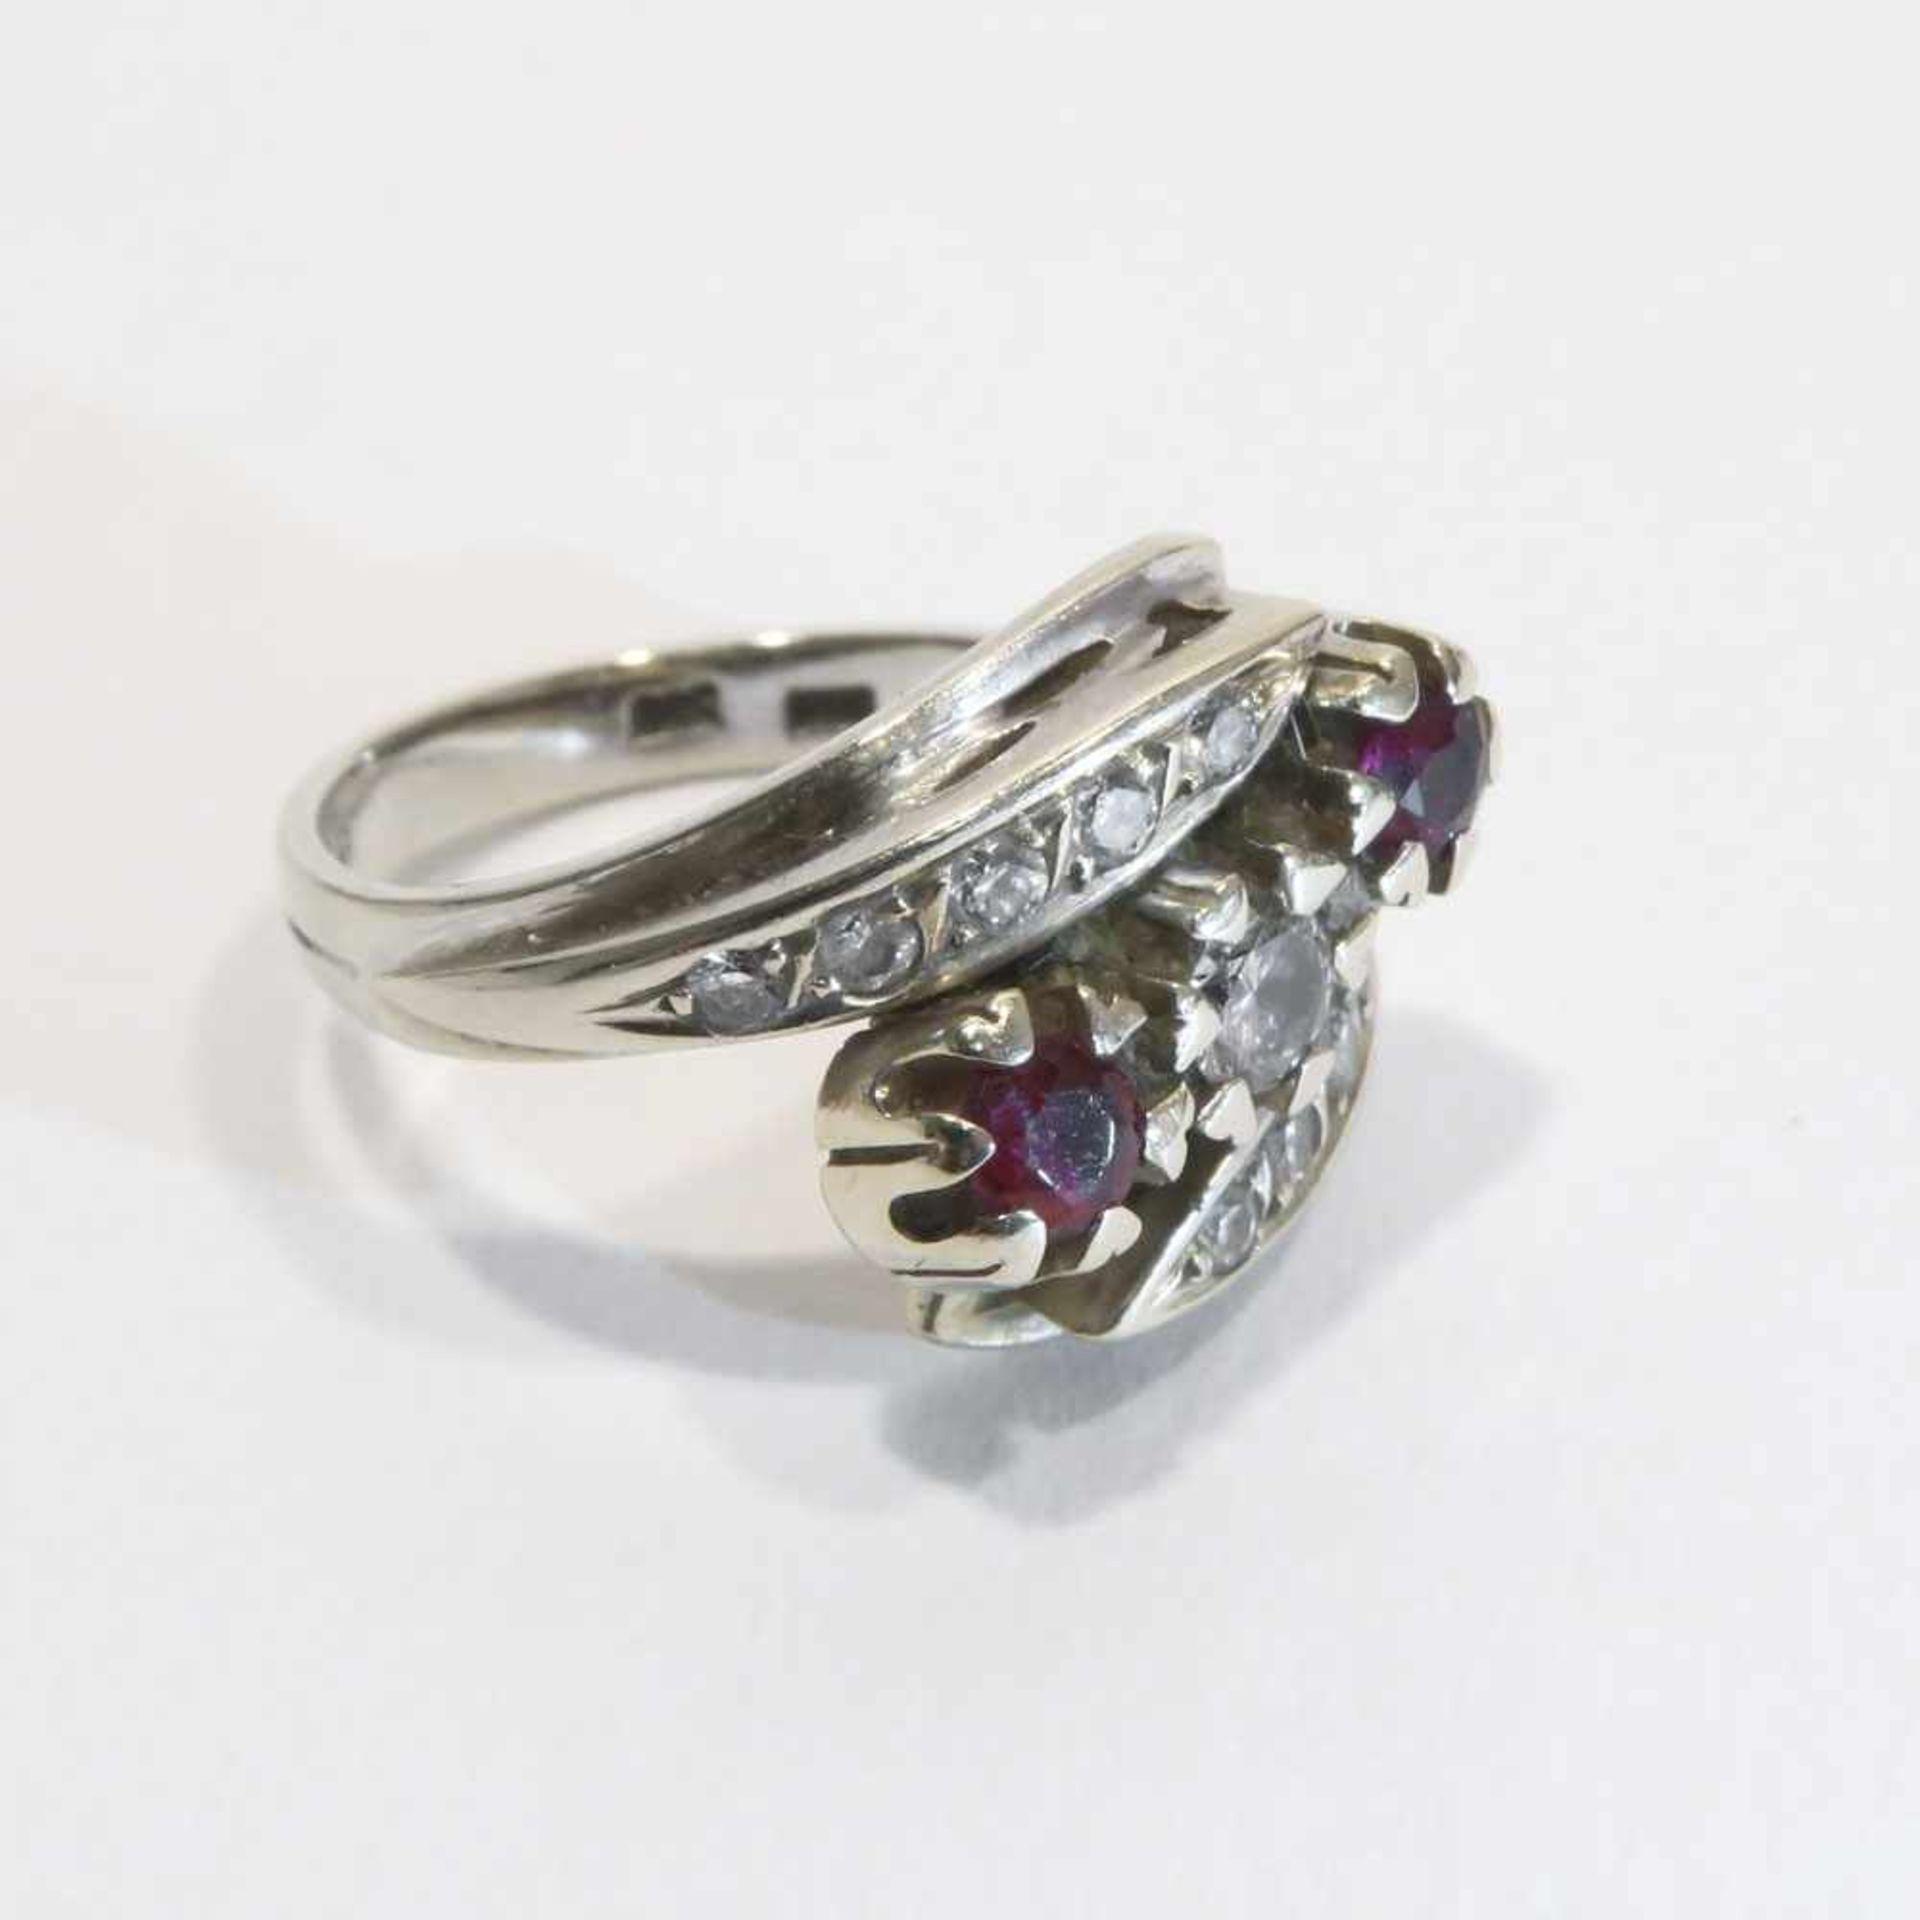 Ring14 K WG, Marke (585). Mit elf Brillanten, zus. ca. 0,2 ct, sowie zwei Rubinen, zus. ca. 0,2